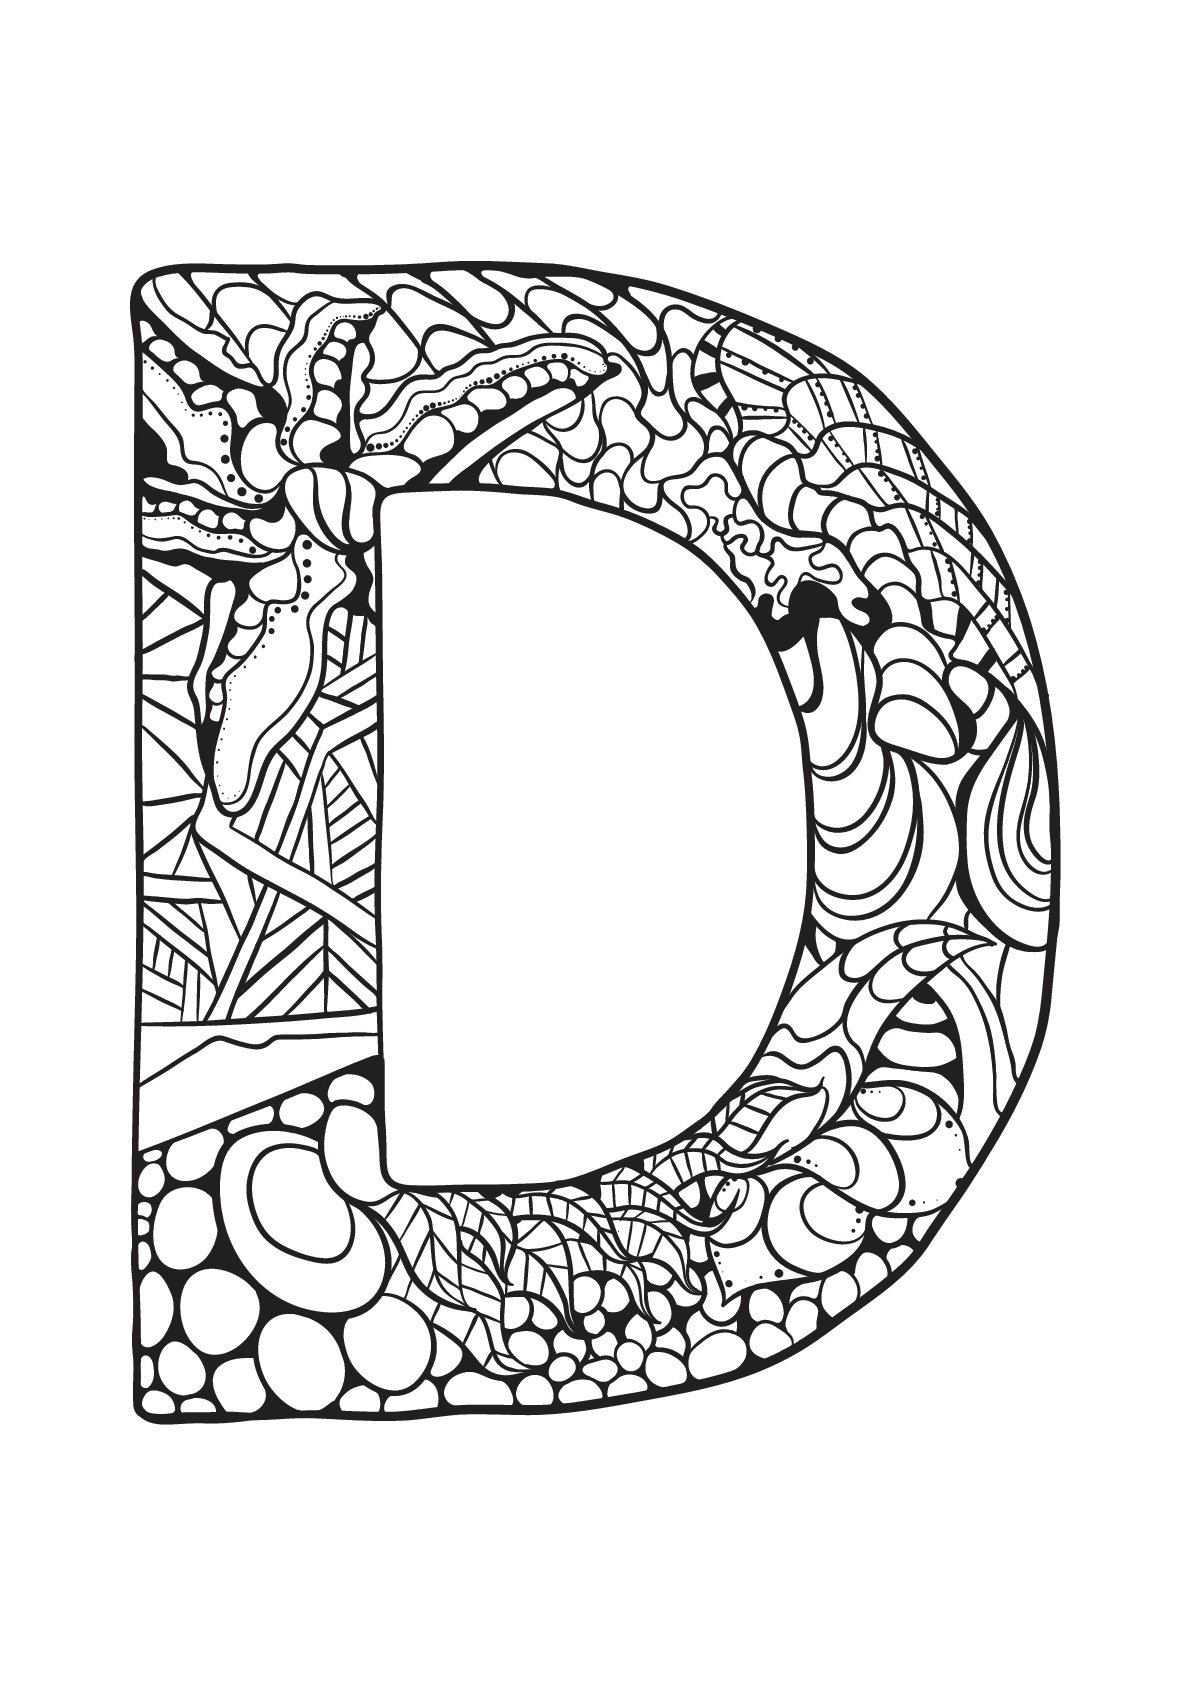 Alphabet Lettre D - Coloriages Alphabet Et Lettres concernant Coloriage D Alphabet